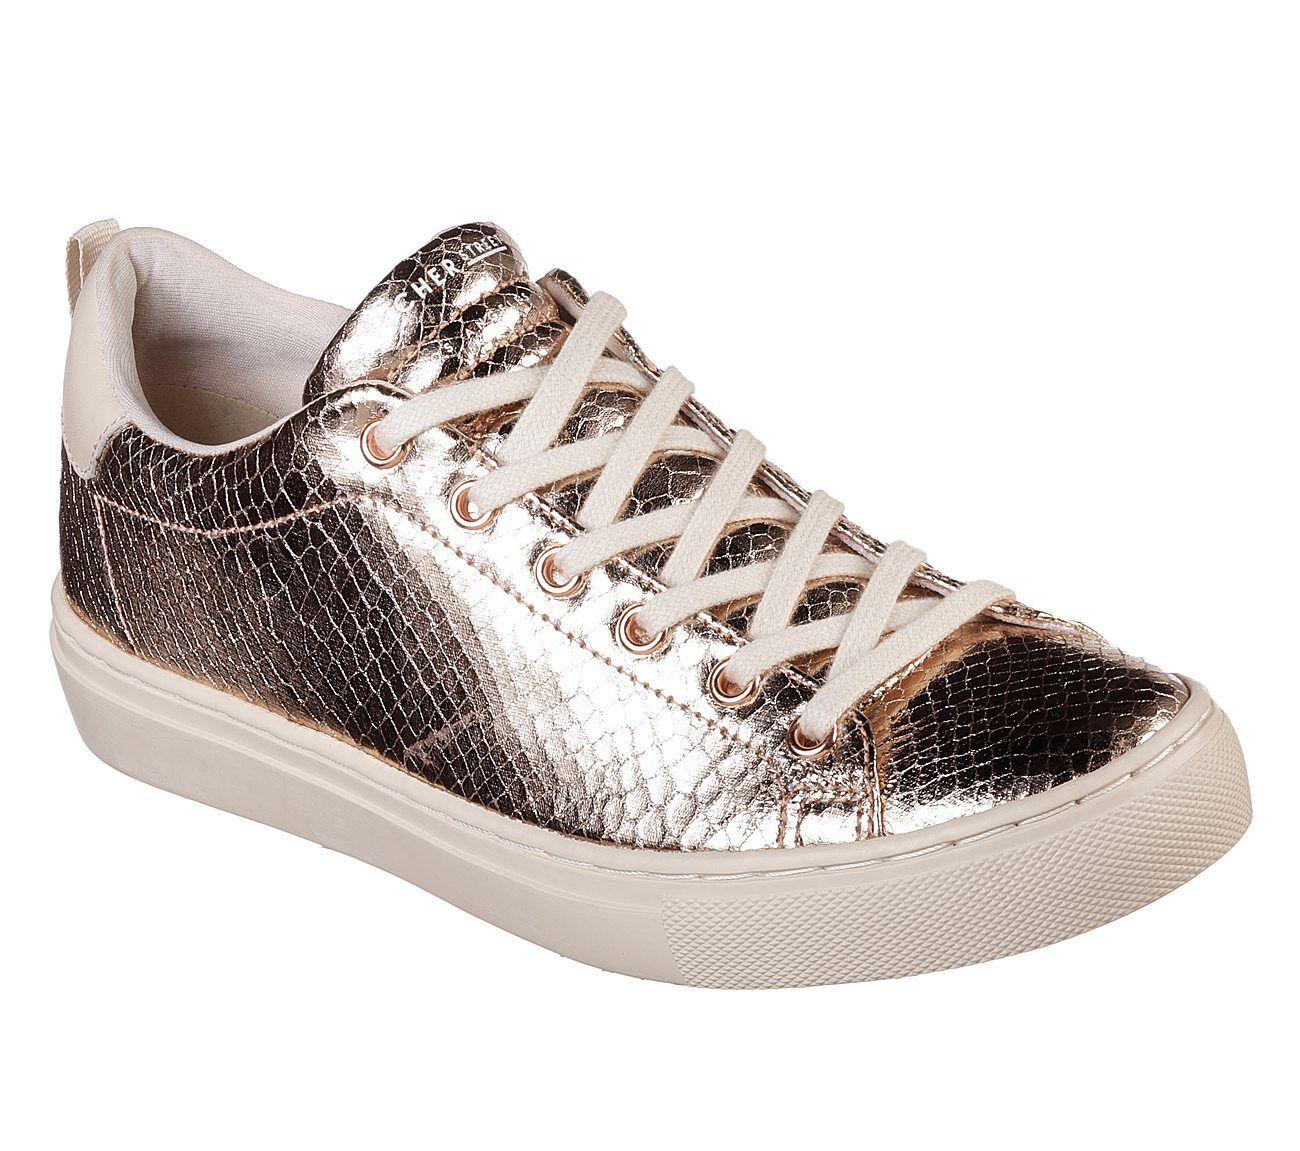 73556 Rose Gold Skechers Foam Shoe Street Women Memory Foam Skechers Darma Knit Bungee Sneaker 97d8a6